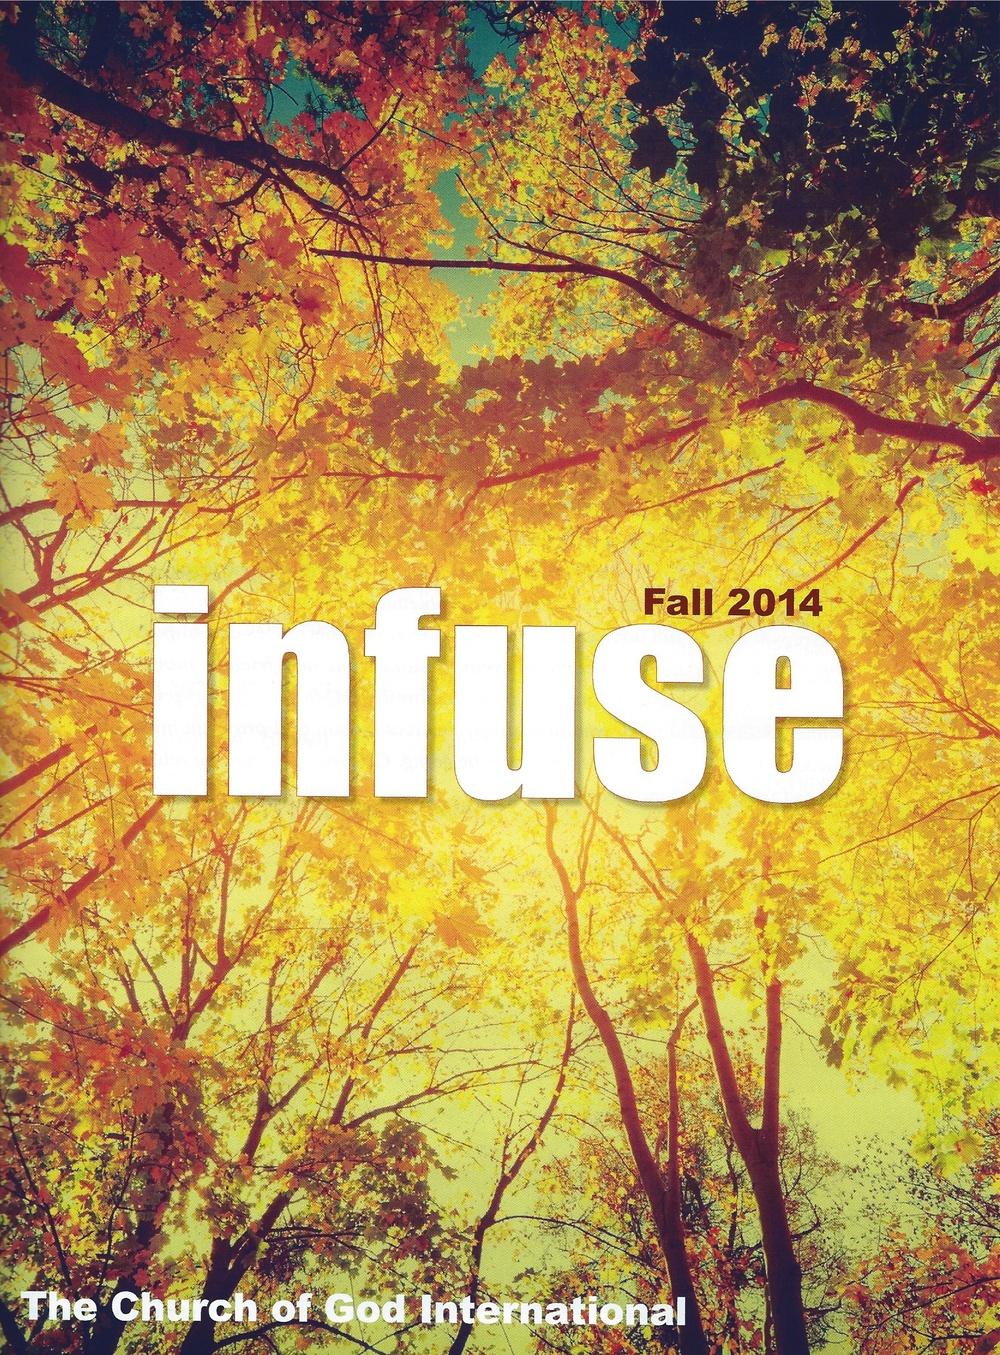 infusewinter14.jpg